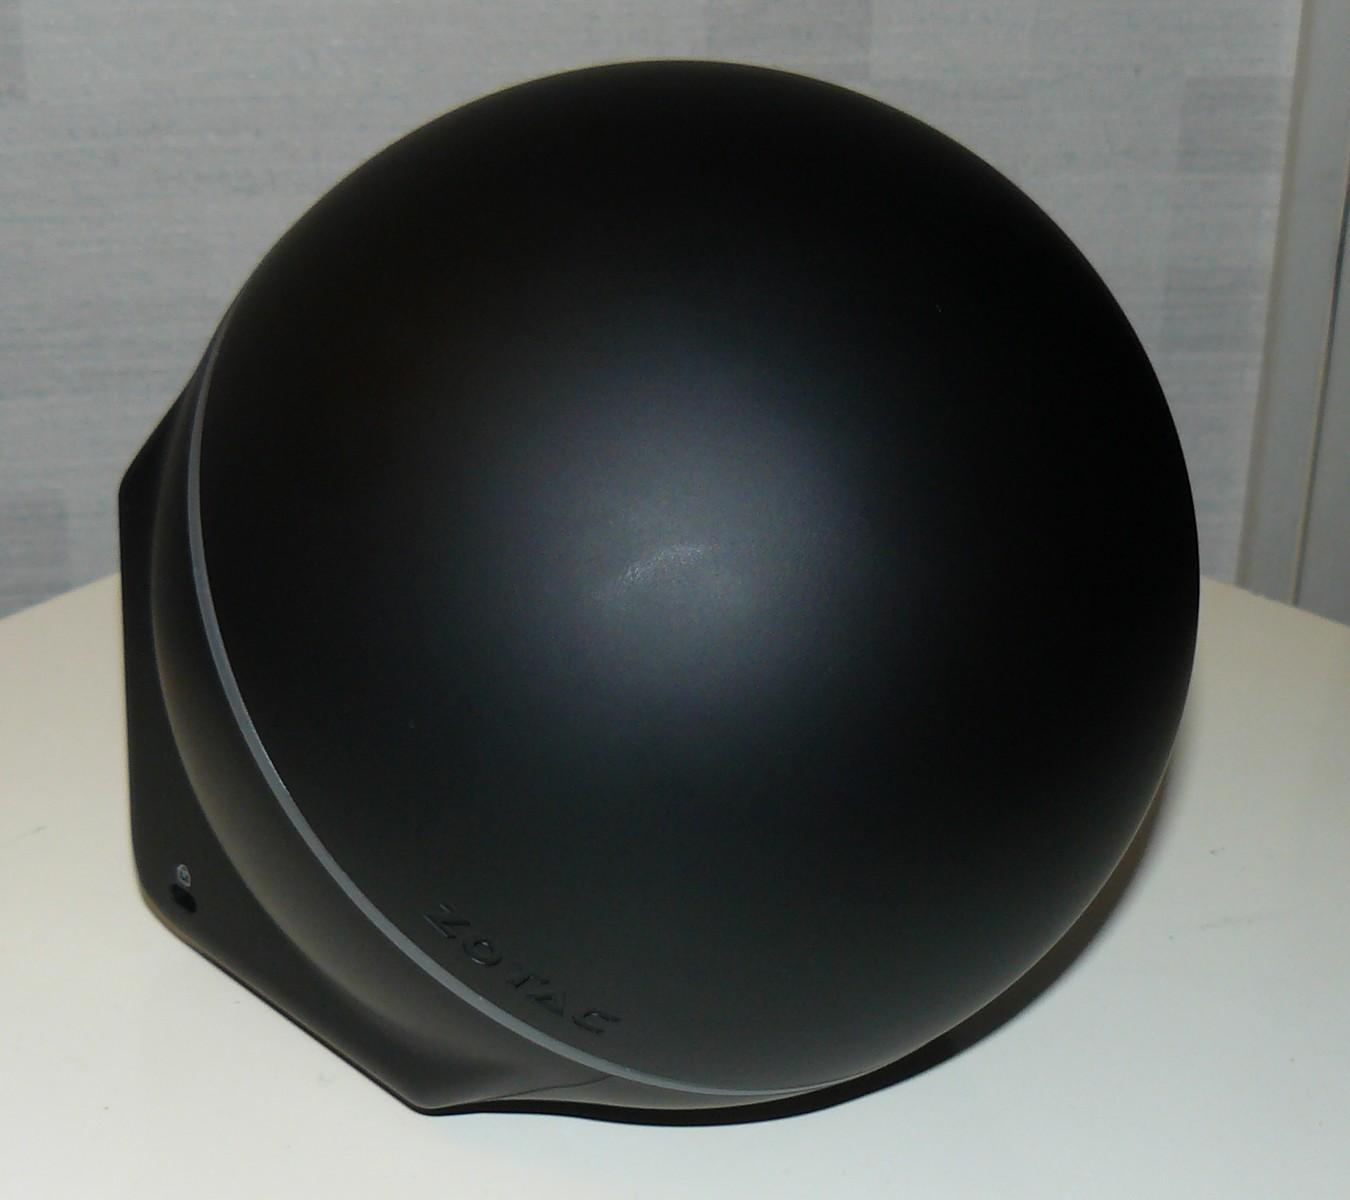 Zbox Sphere